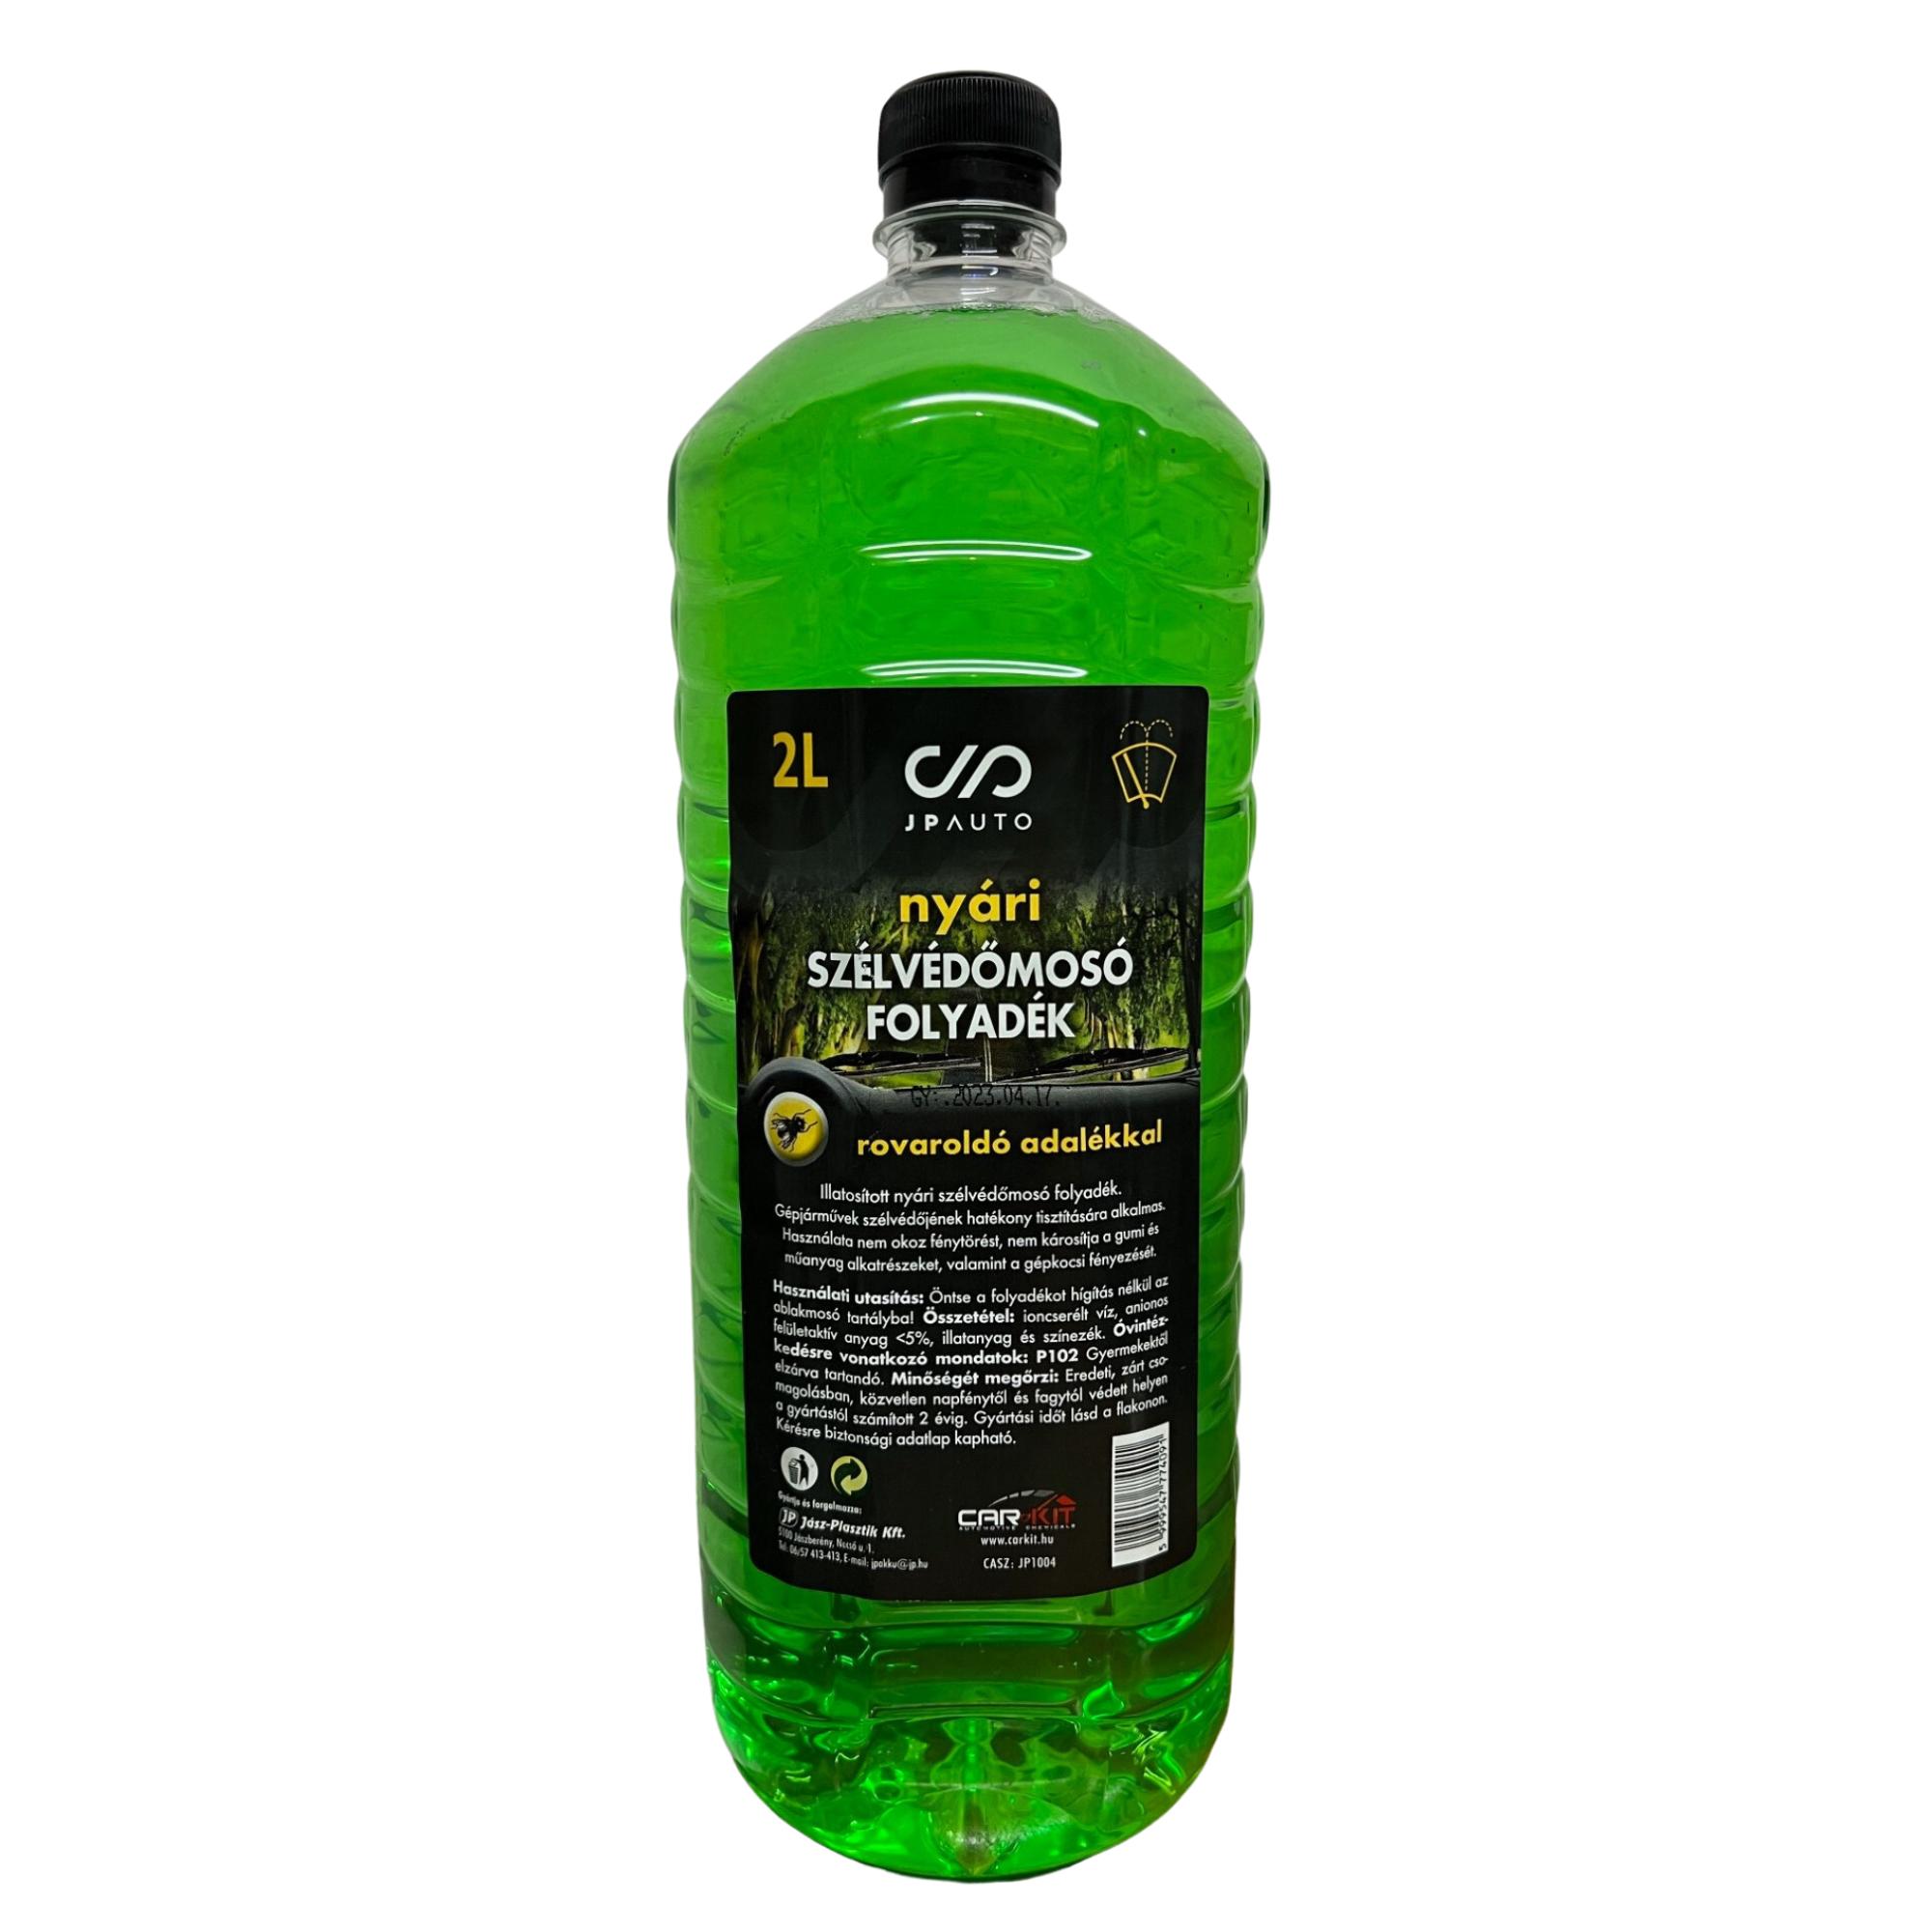 Szélvédőmosó folyadék | Nyári szélvédőmosó bogároldóval 2L